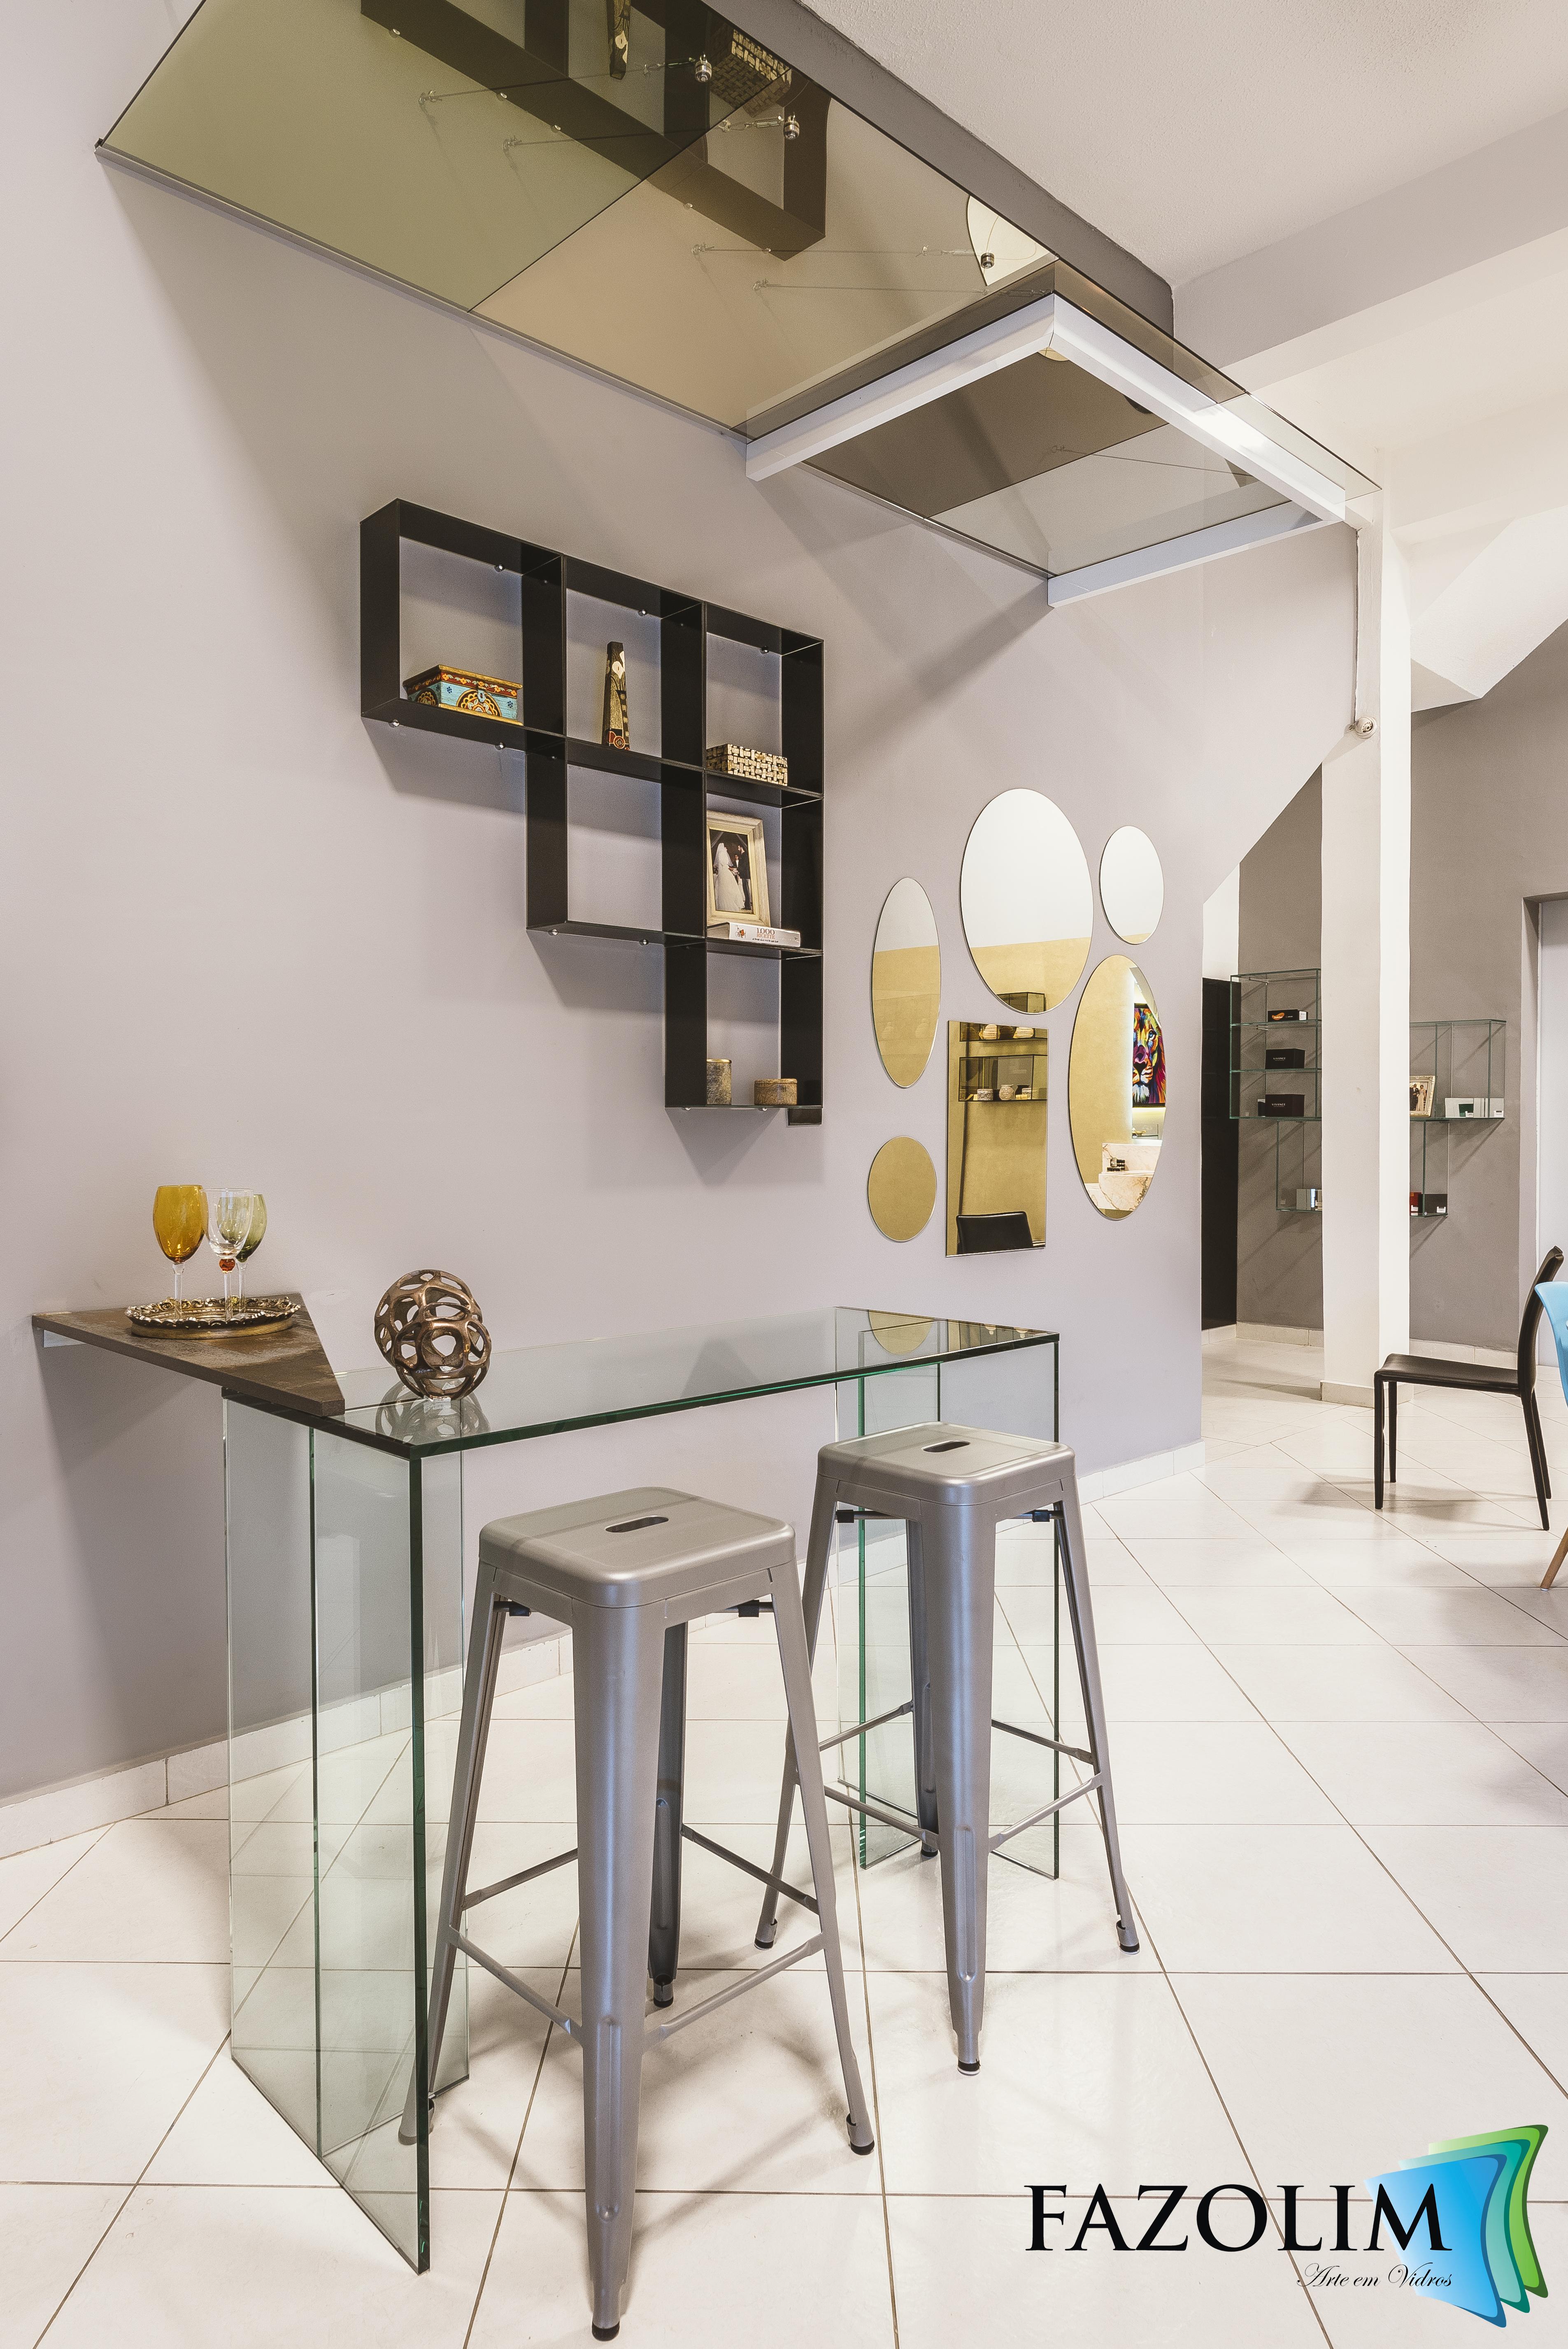 Fazolim_Showroom, Loja Conceito e Arquitetos_14